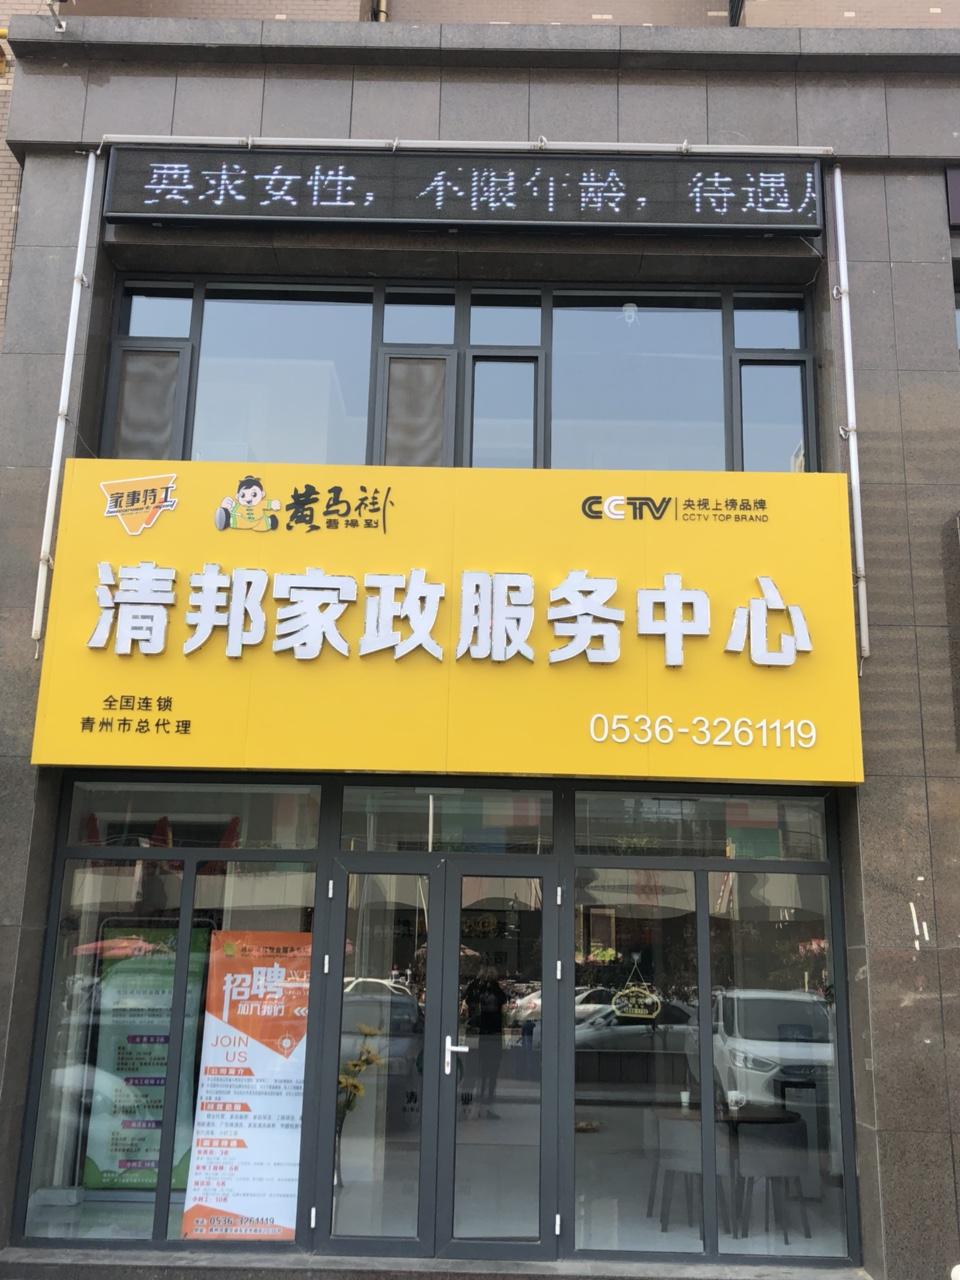 清邦家政服务中心(家事特工)